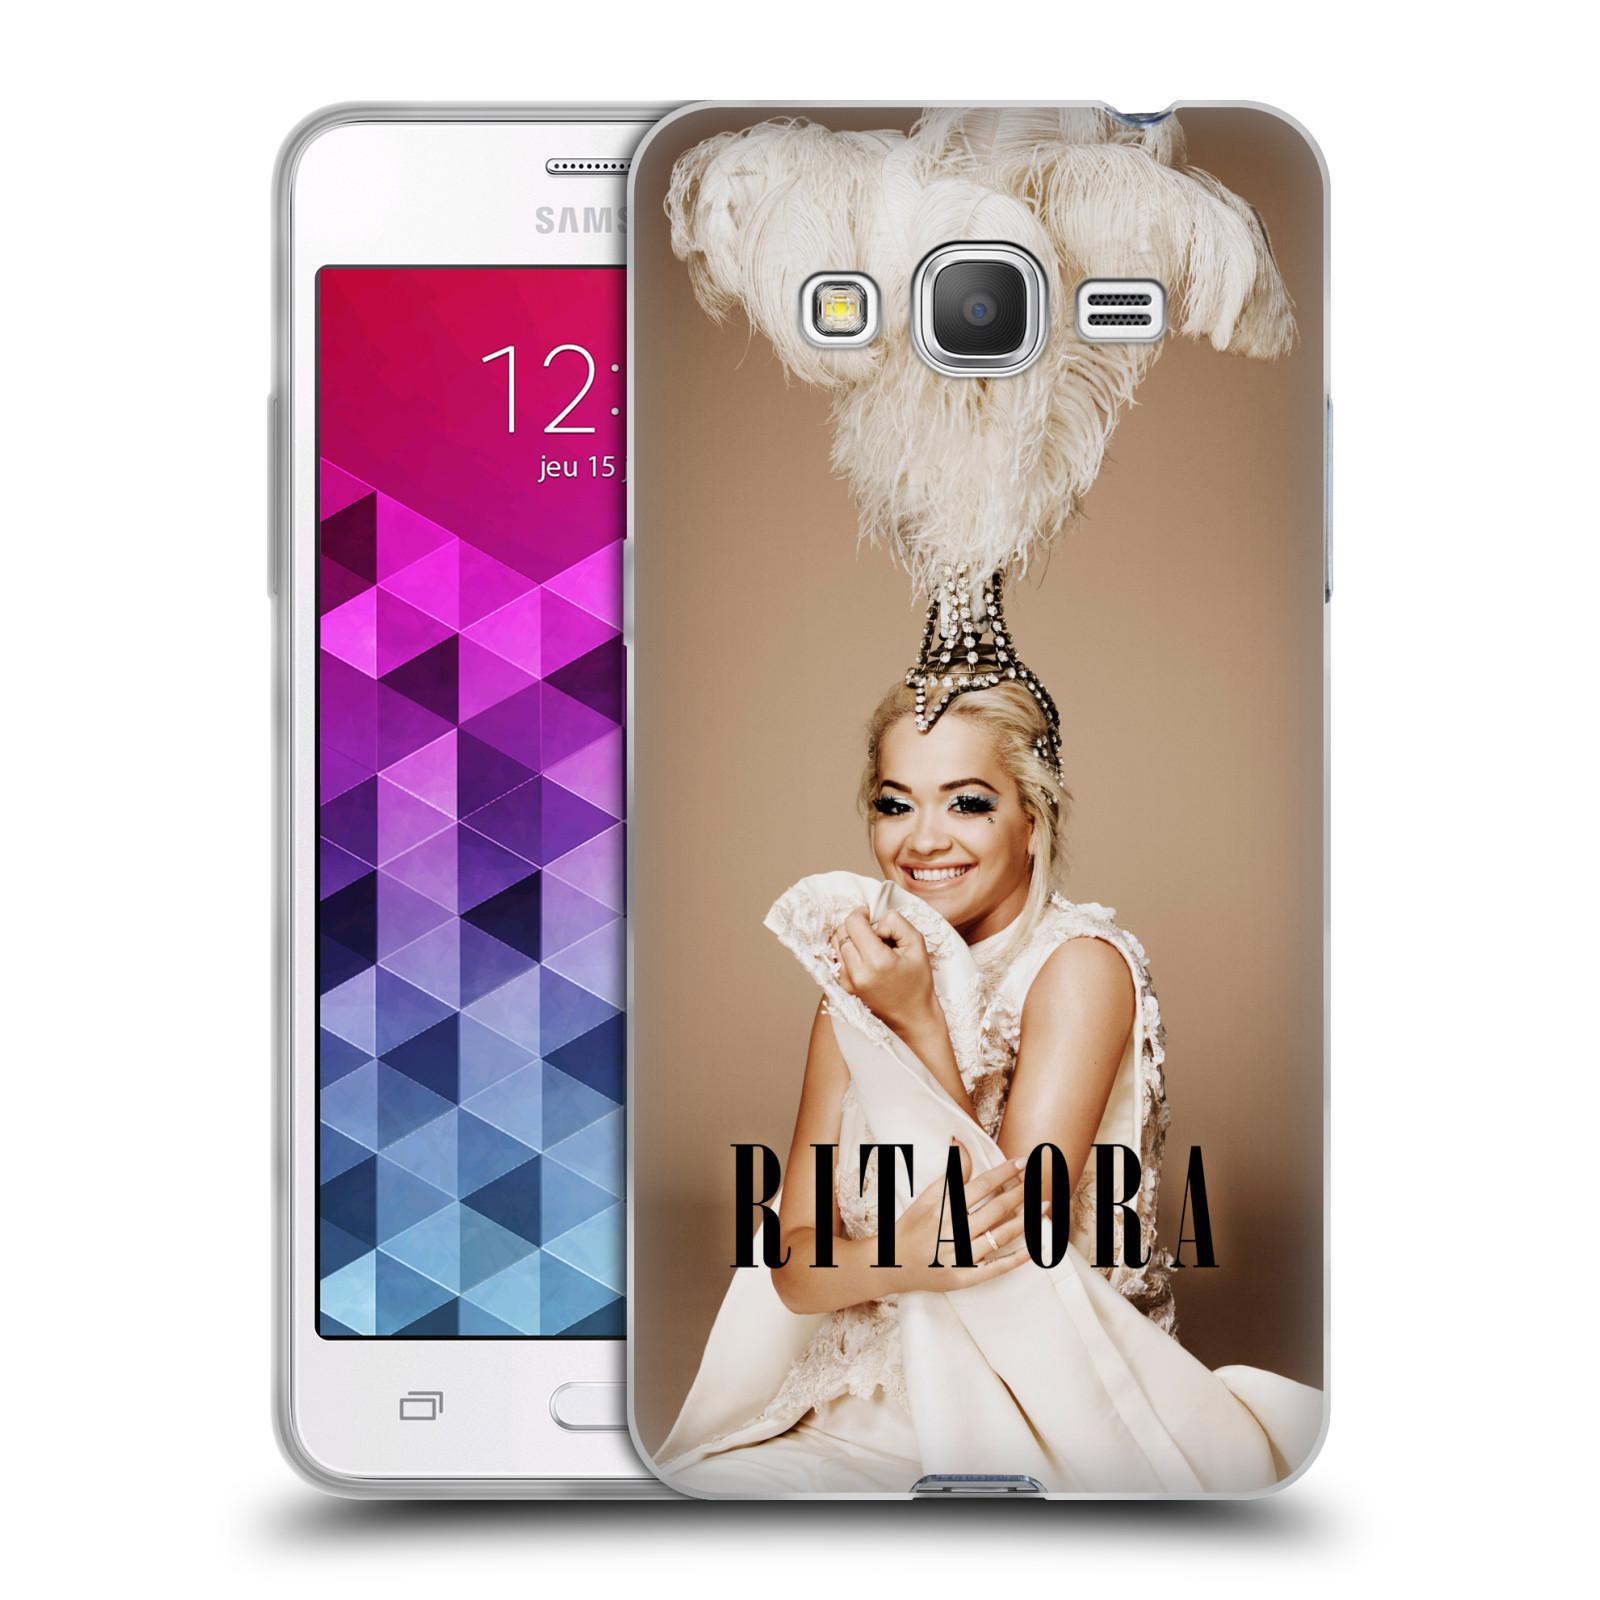 HEAD CASE silikonový obal na mobil Samsung Galaxy Grand Prime zpěvačka Rita Ora peří